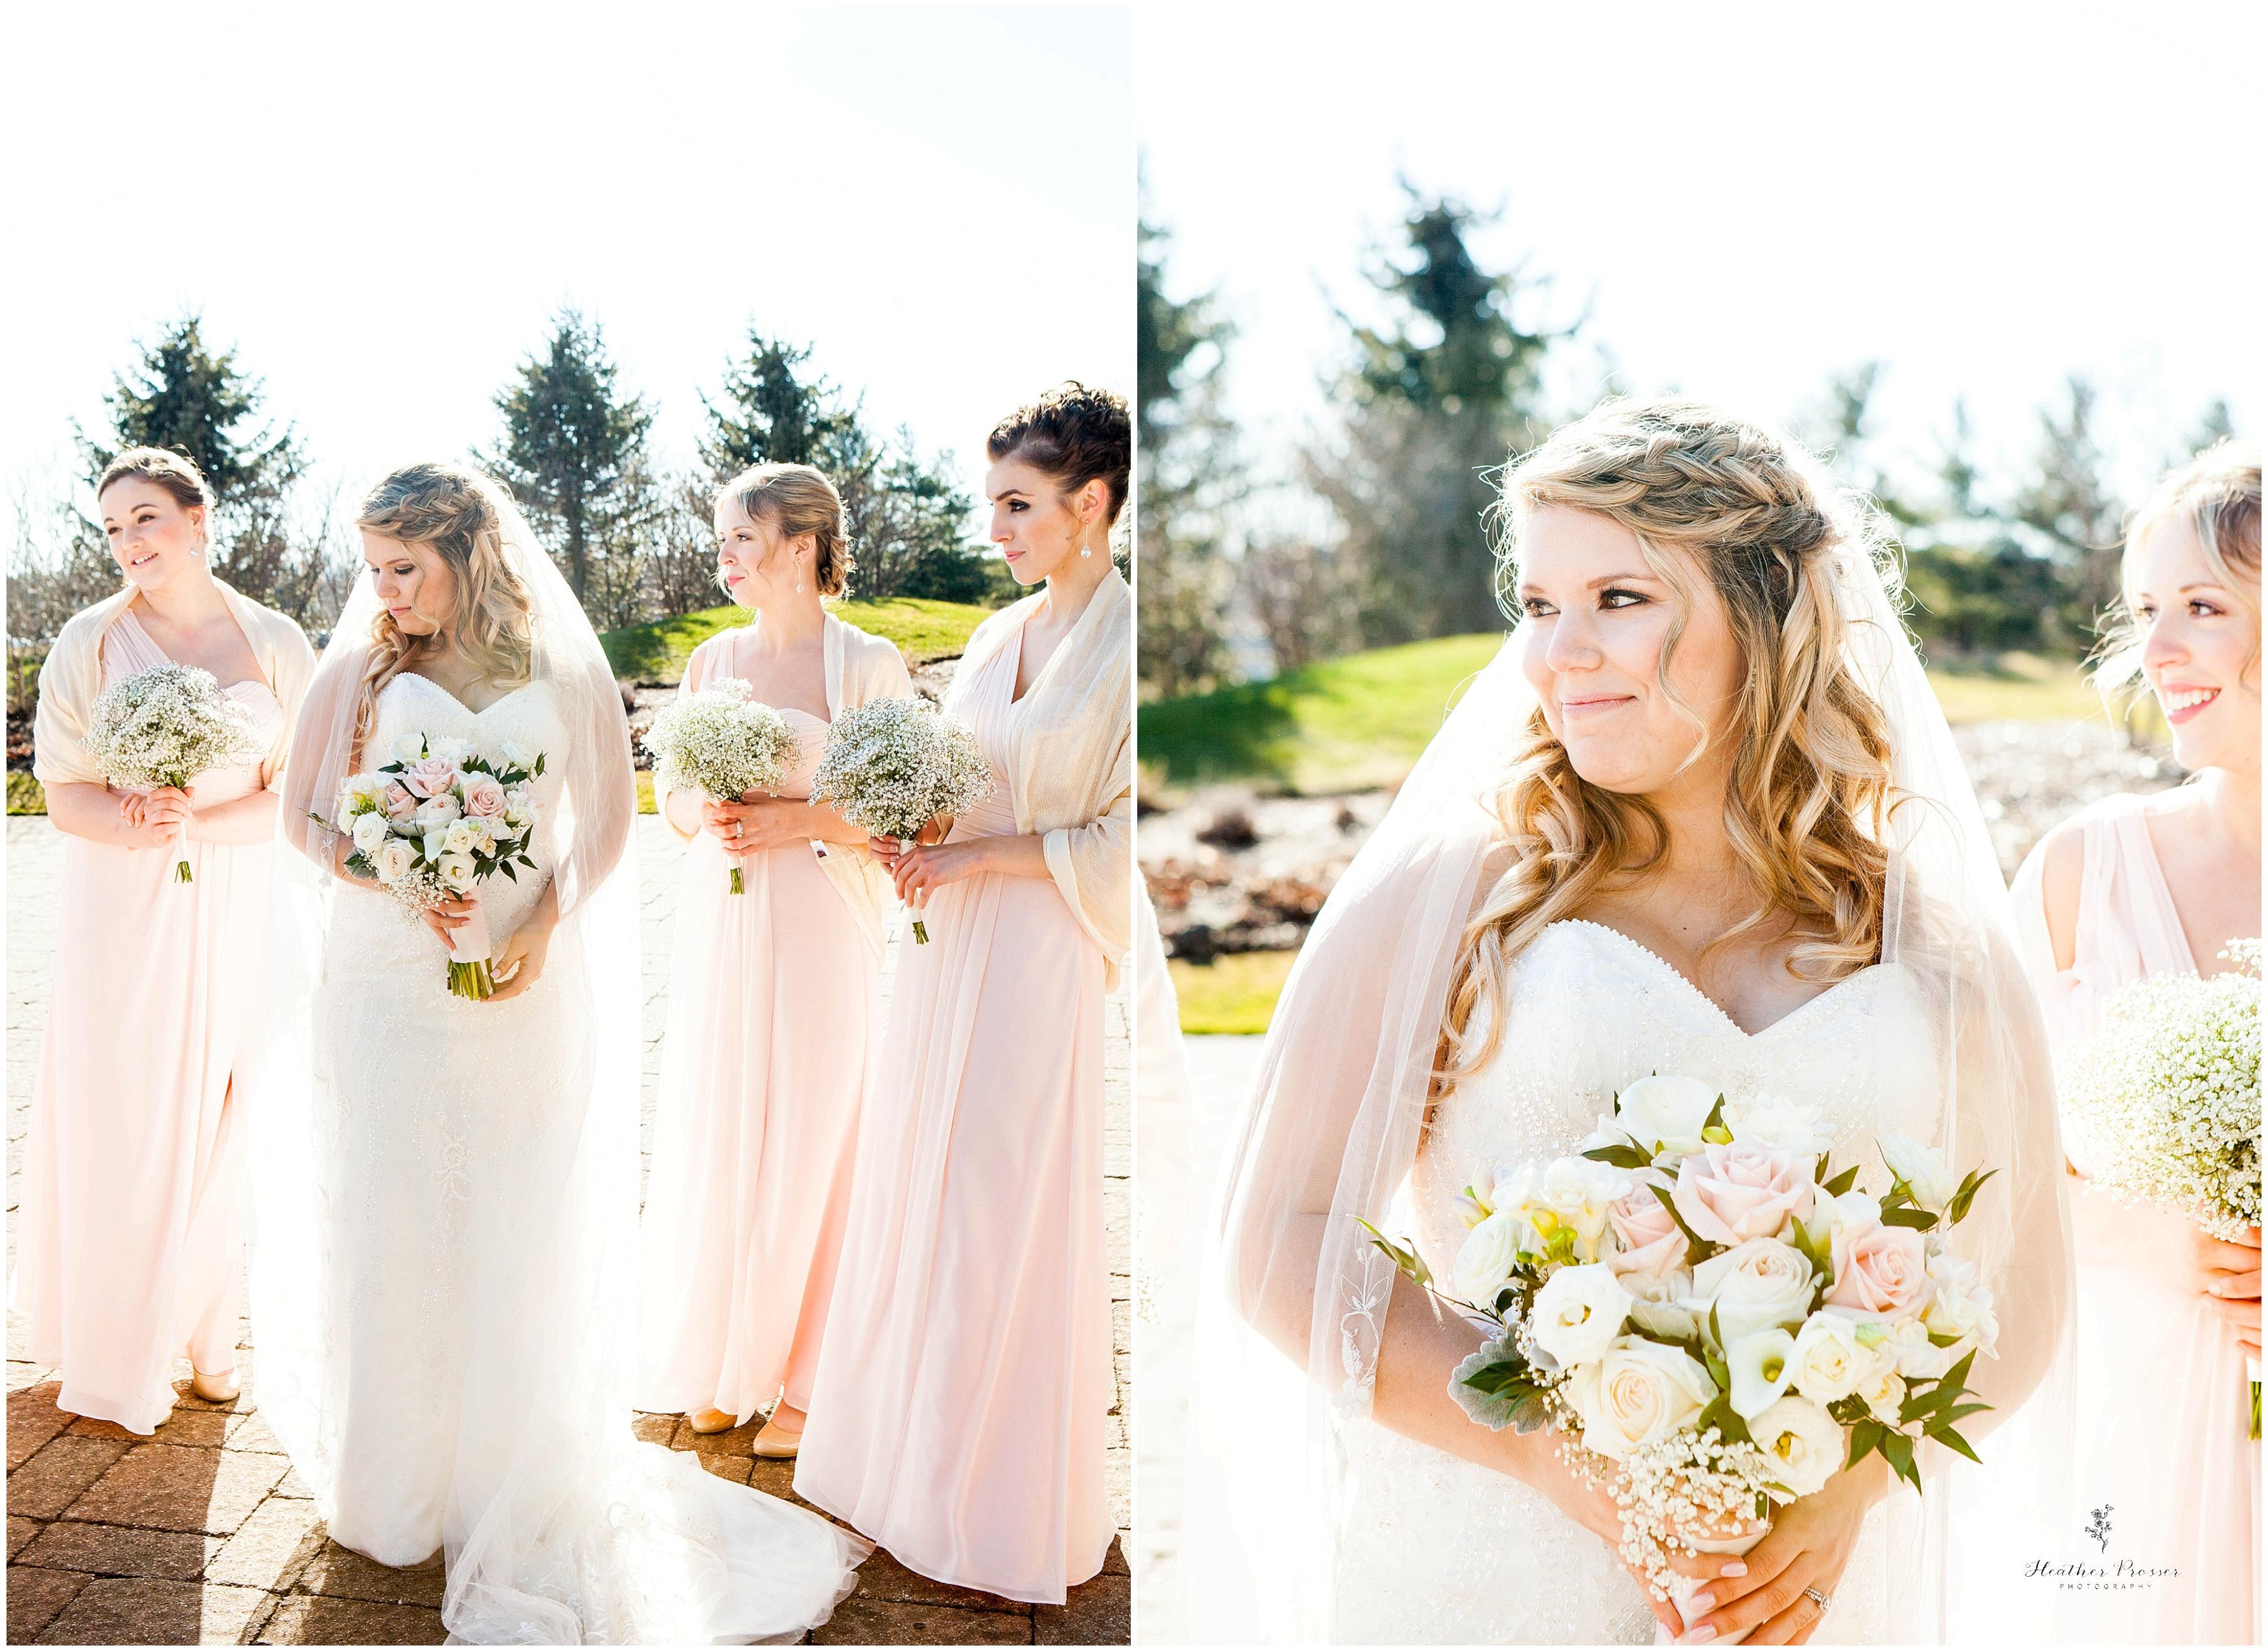 NestletonWatersInn-wedding_0193.jpg